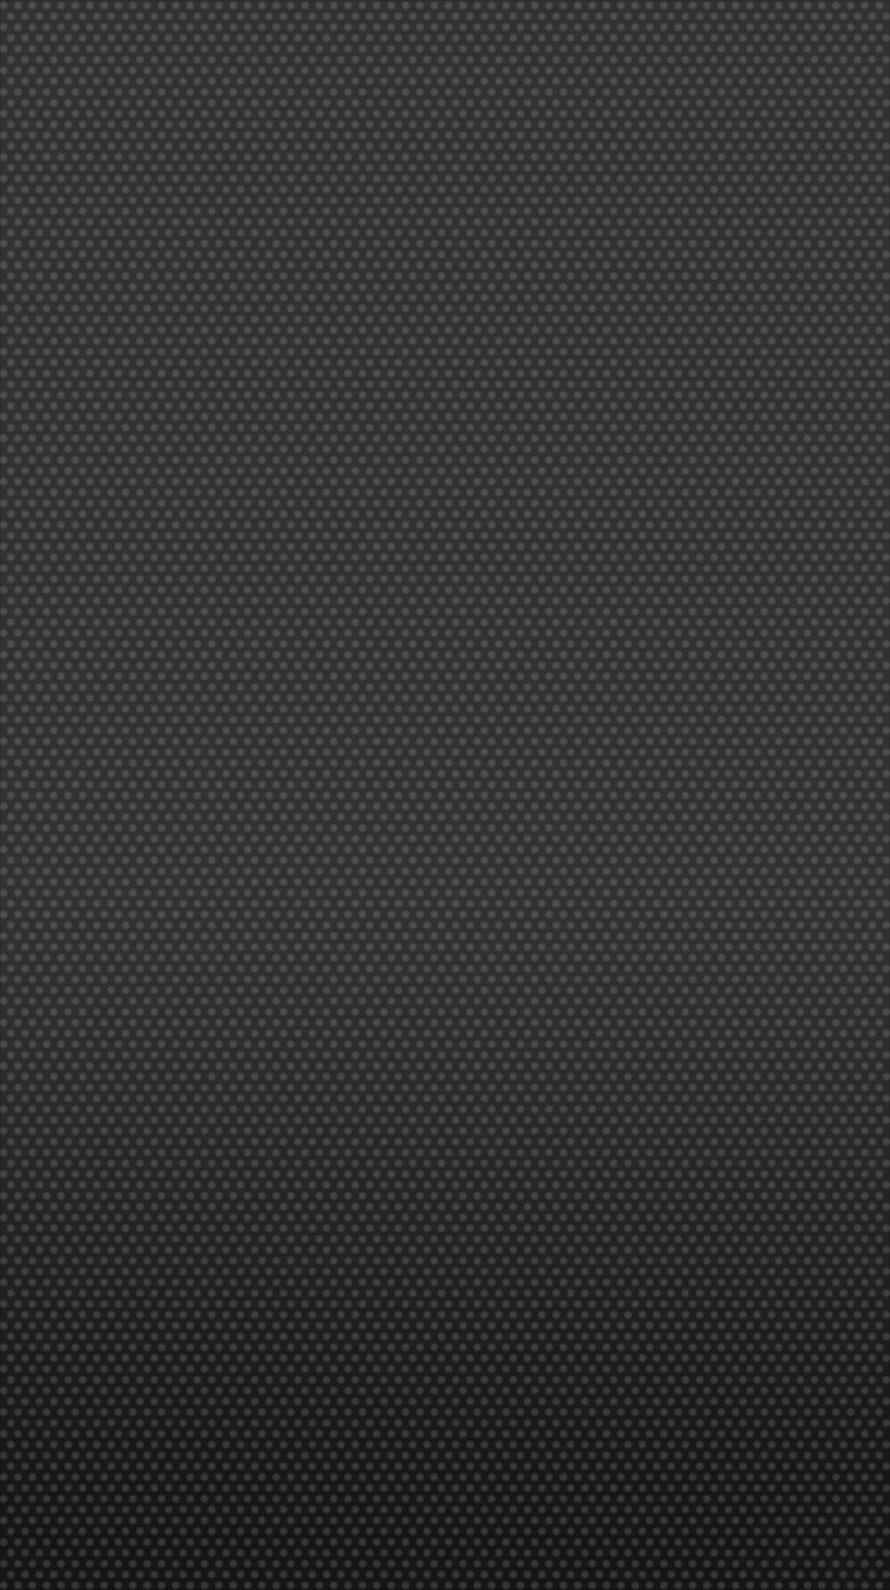 シンプルな黒と灰色のドット Iphone6壁紙 Wallpaperbox